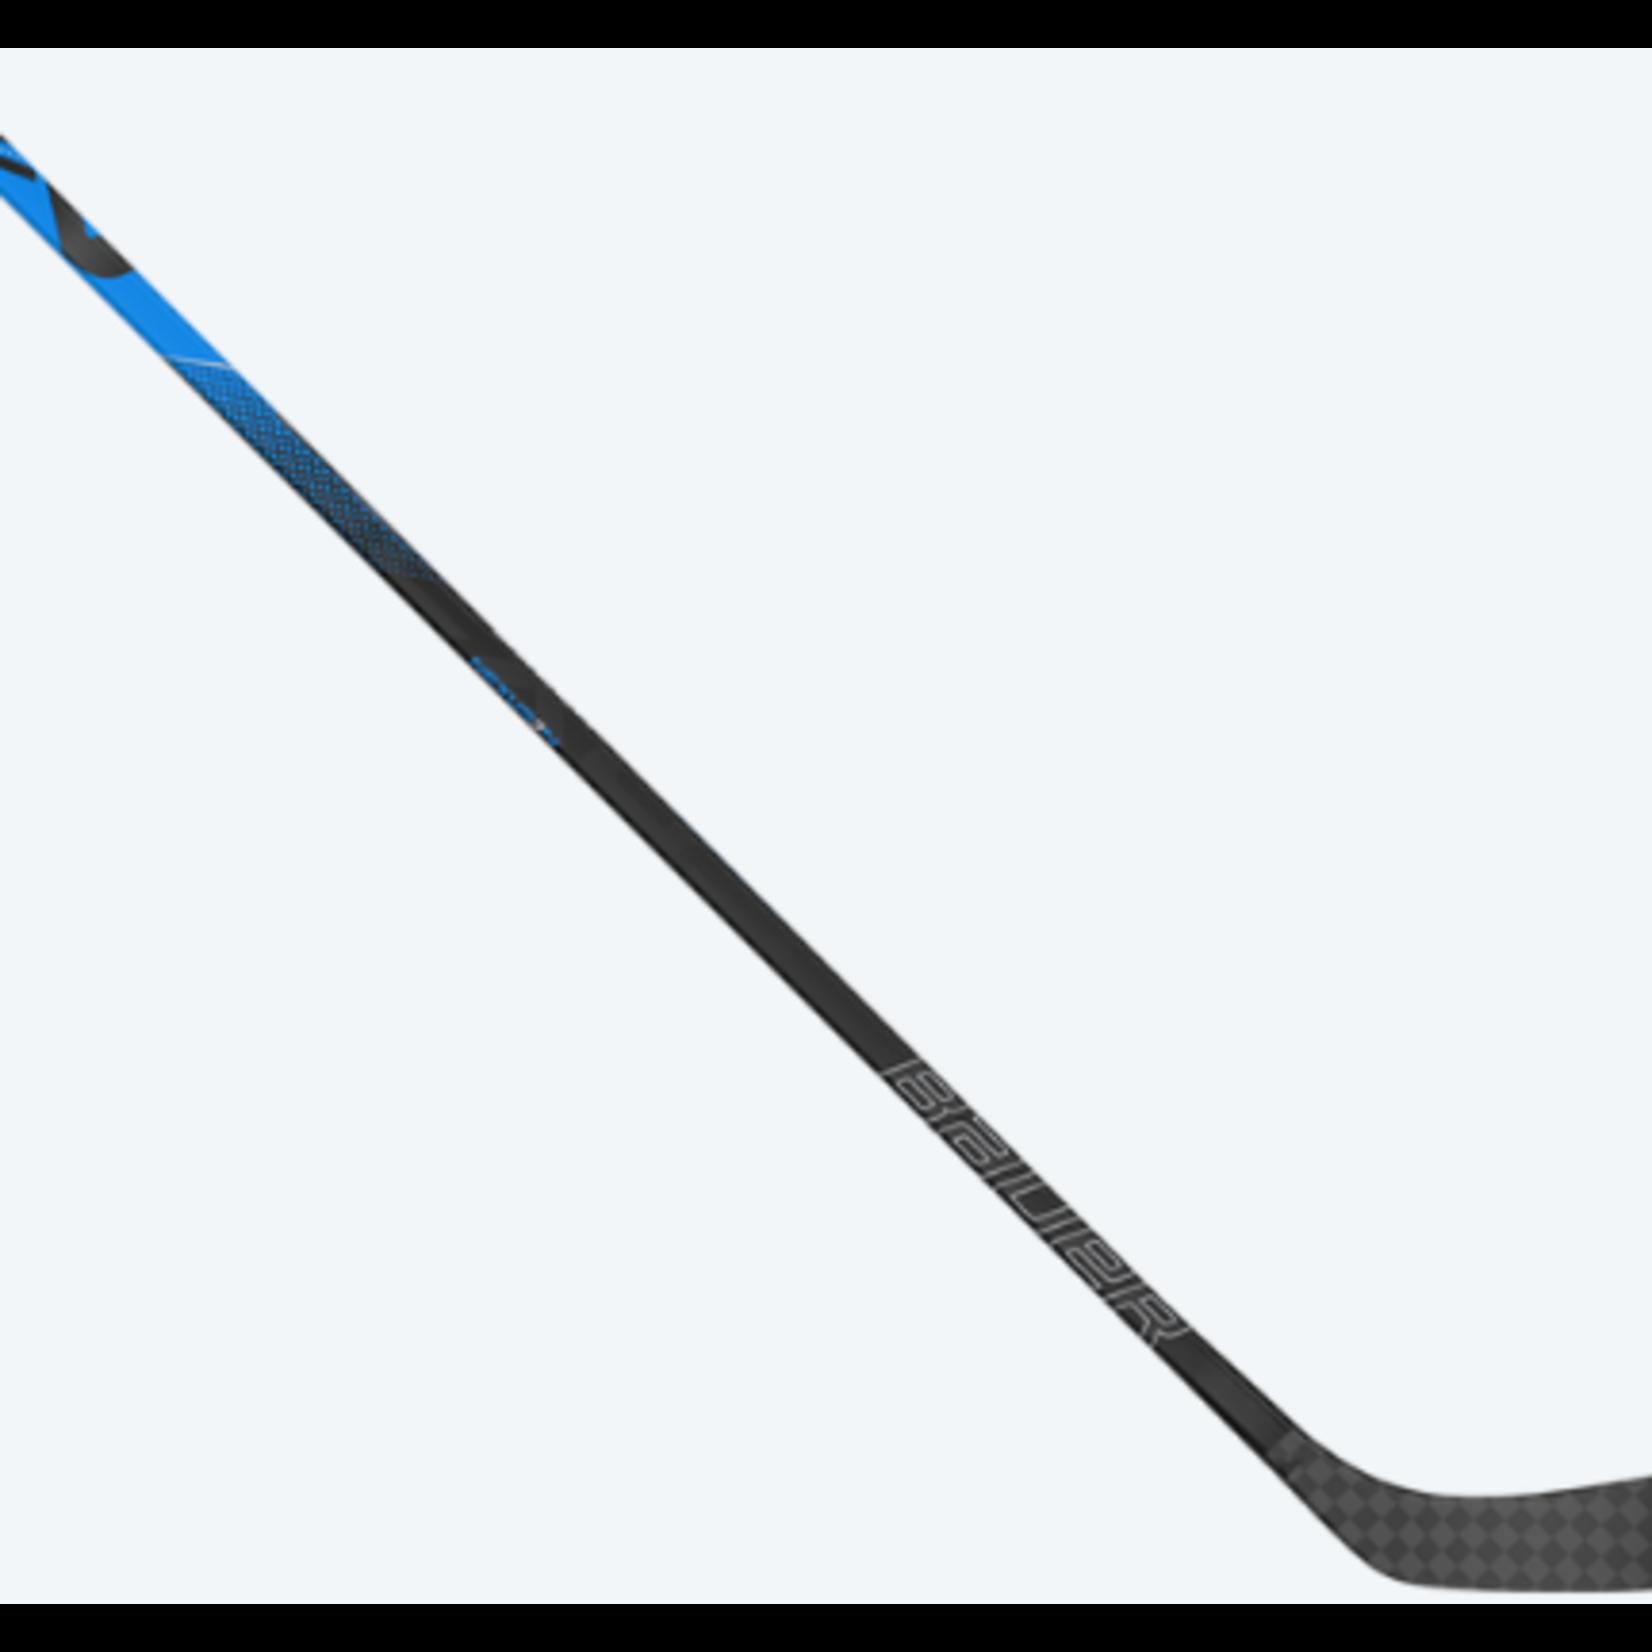 Bauer S21 Nexus 3N Grip Stick Jr - 50